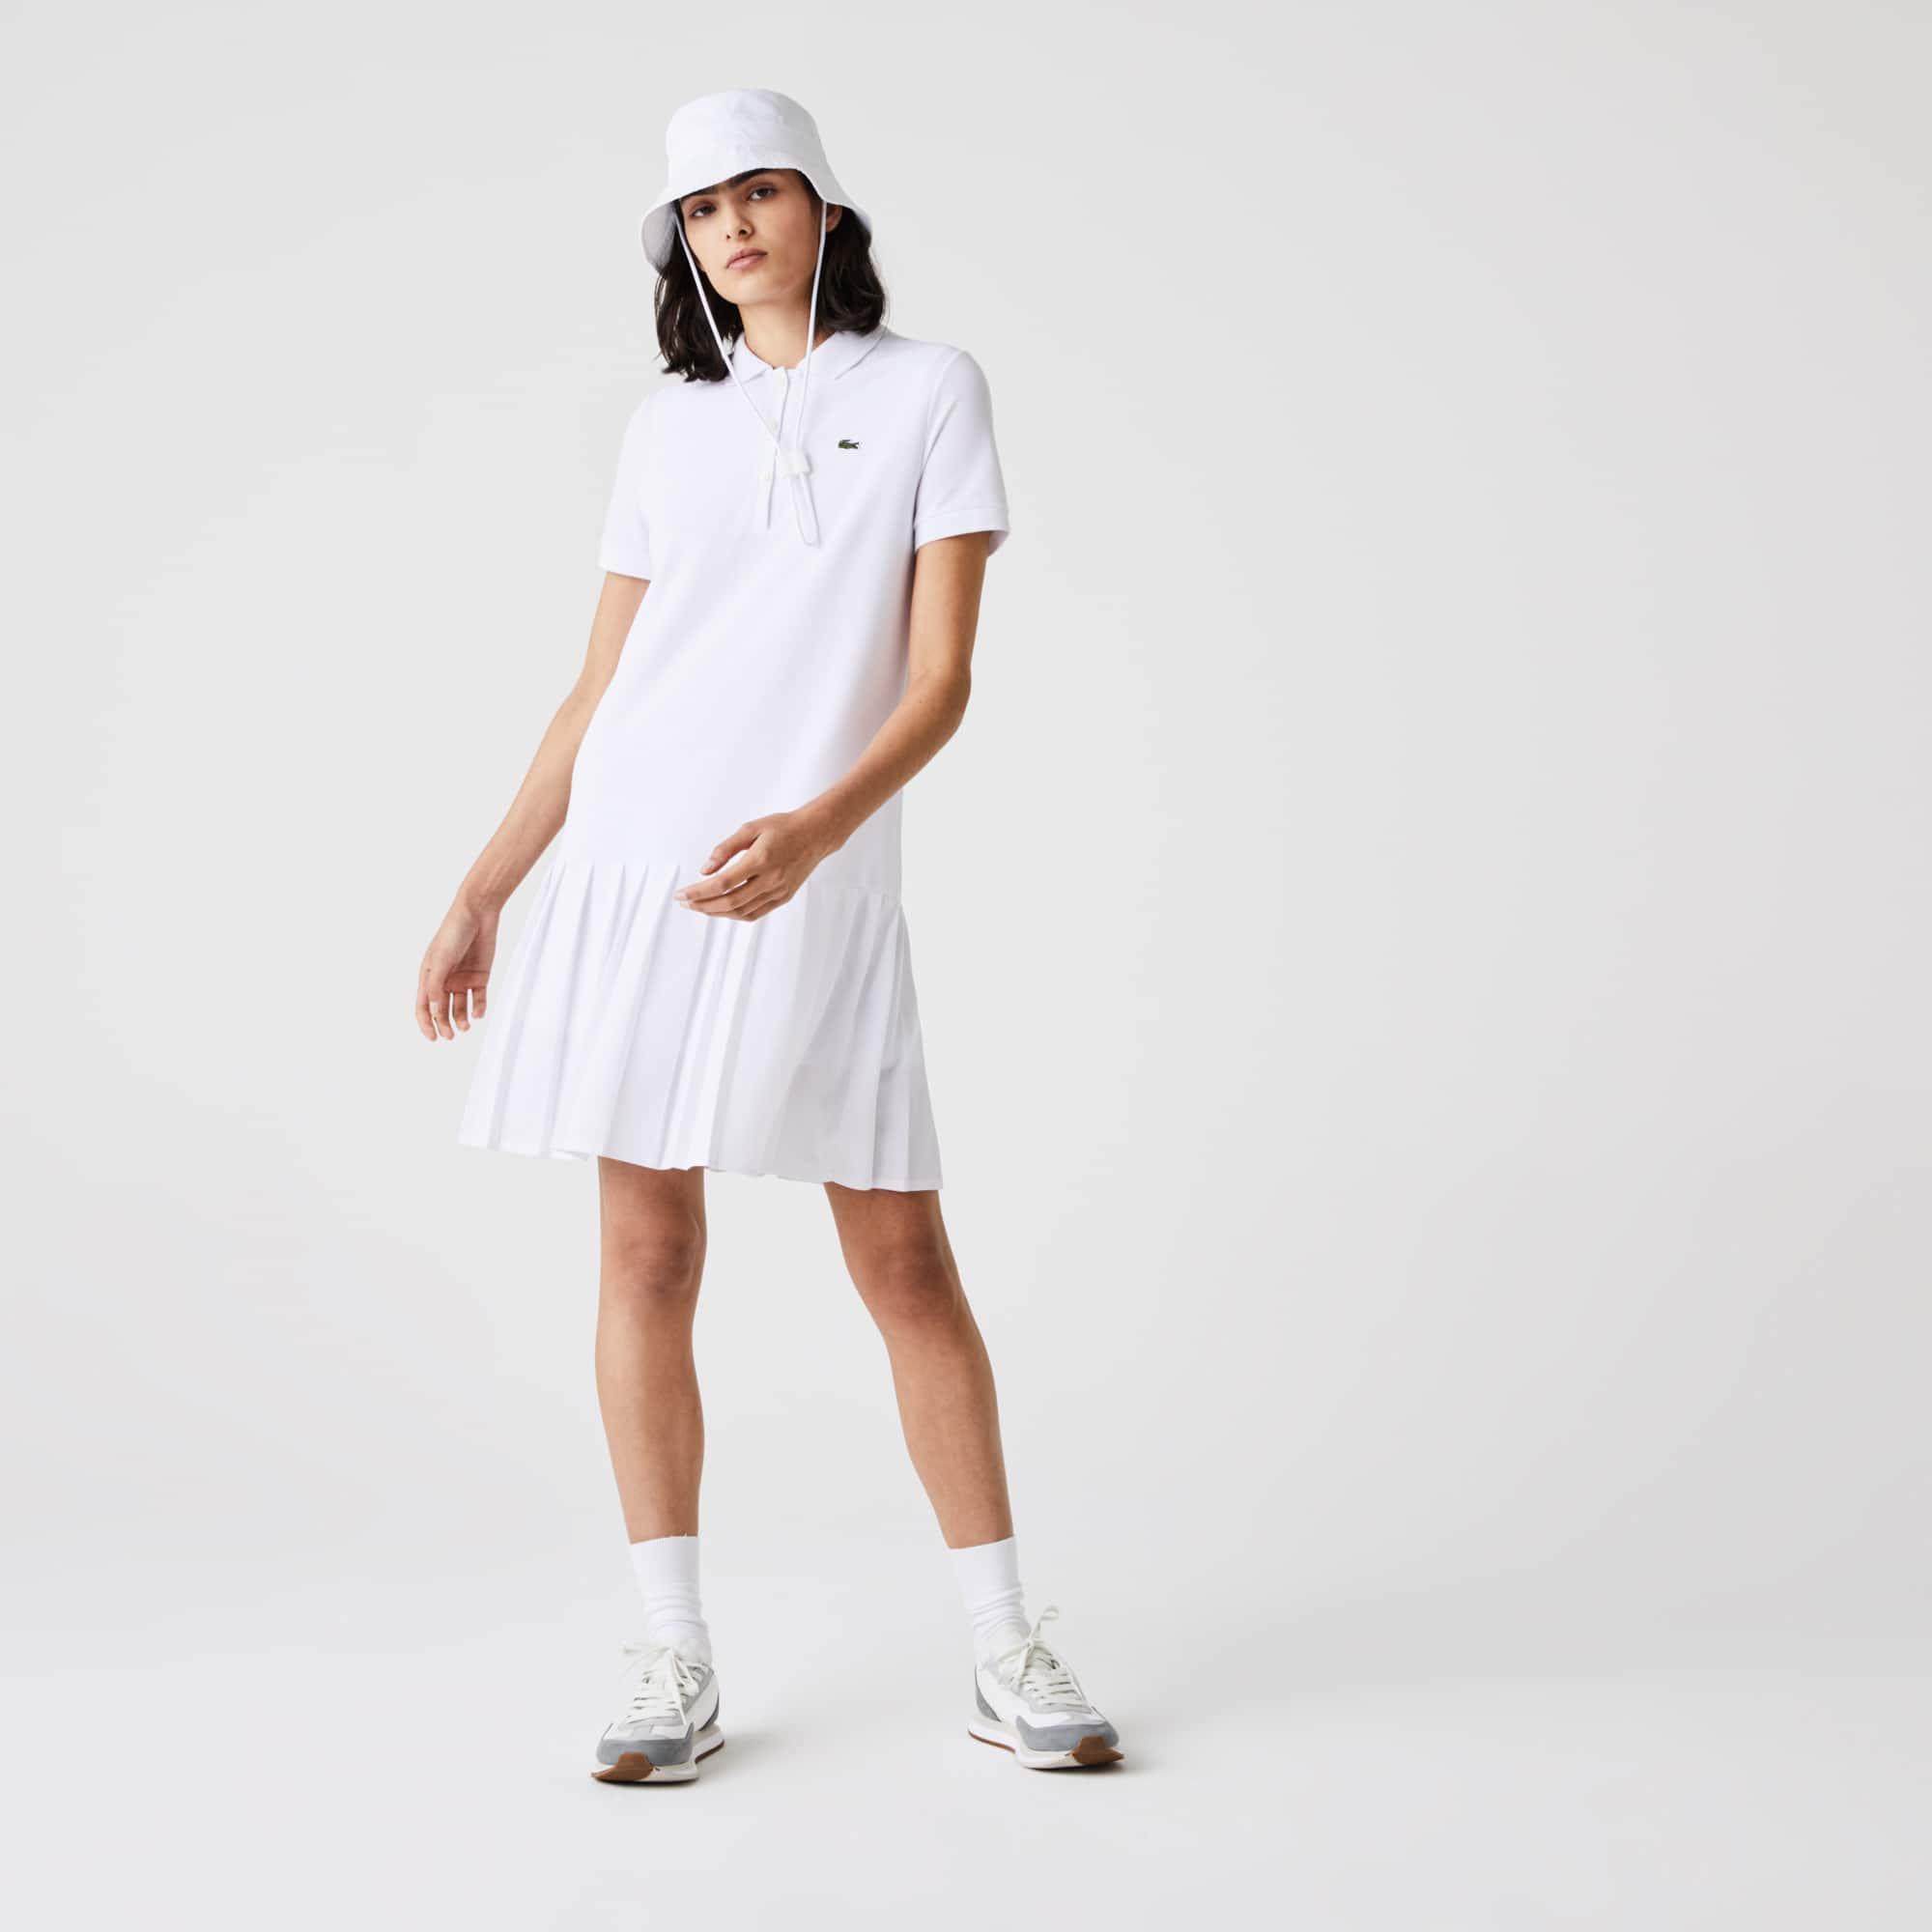 라코스테 스포츠 롤랑가로스 플리츠 폴로 원피스 Lacoste Womens SPORT Roland Garros Pleated Polo Dress